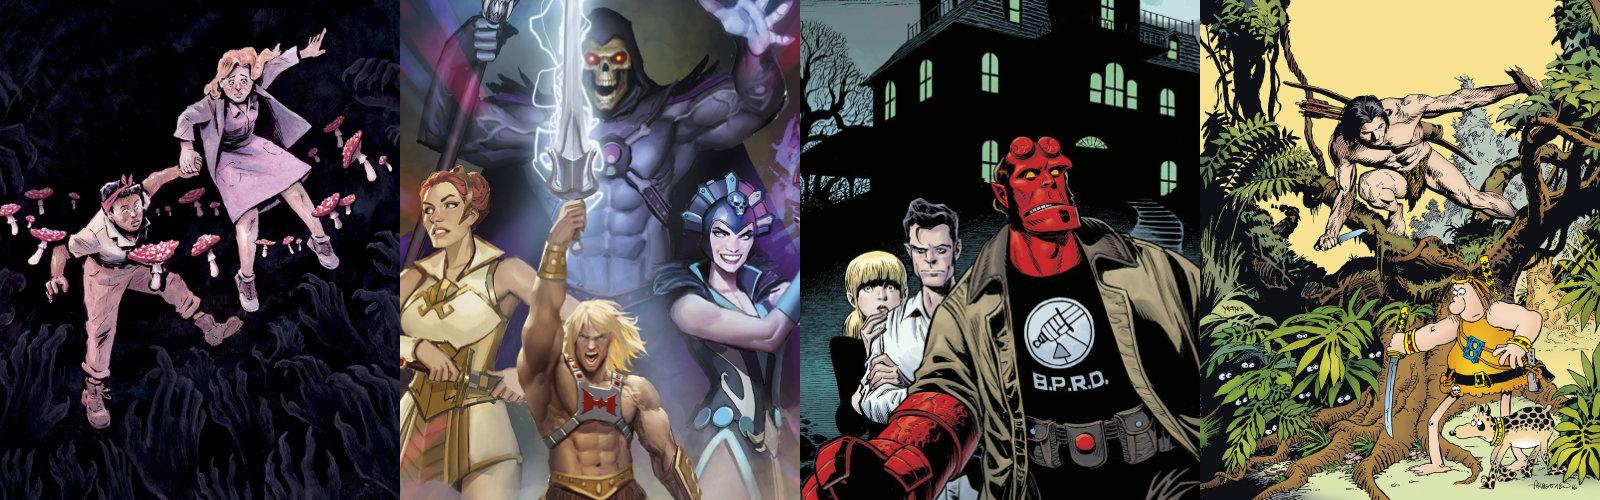 Solicitations: July 2021 – Dark Horse Comics